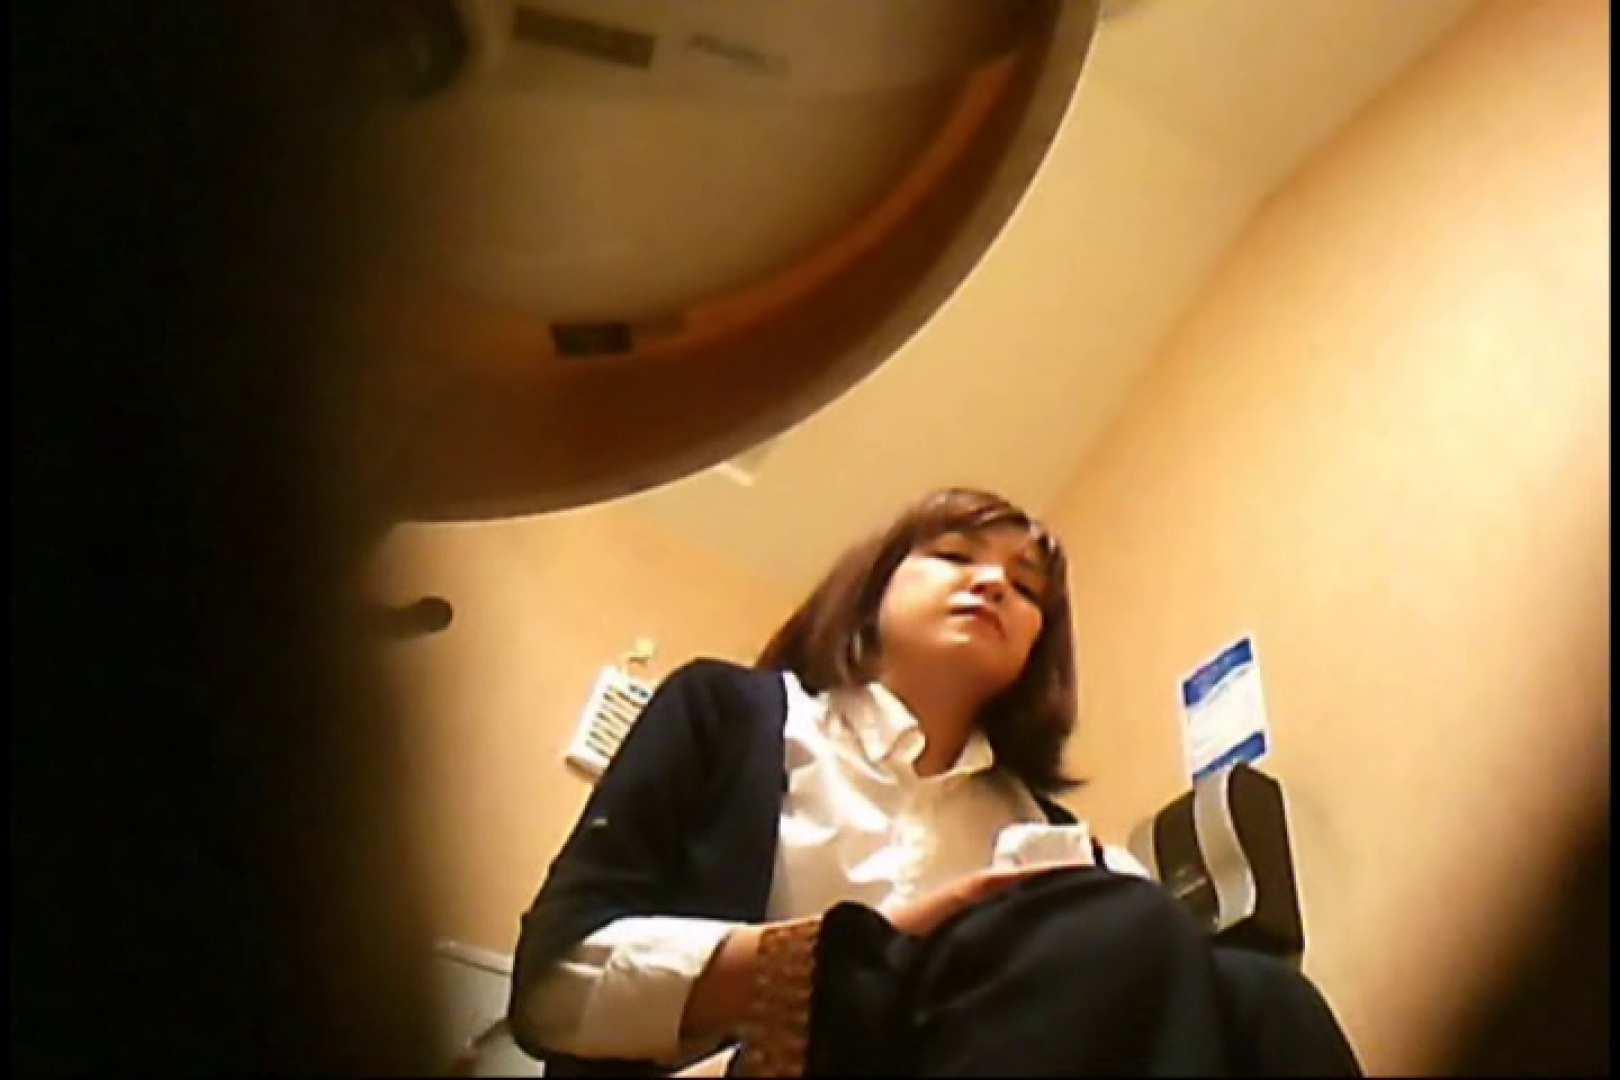 潜入!!女子化粧室盗撮~絶対見られたくない時間~vo,42 盗撮 | 潜入シリーズ  98pic 4